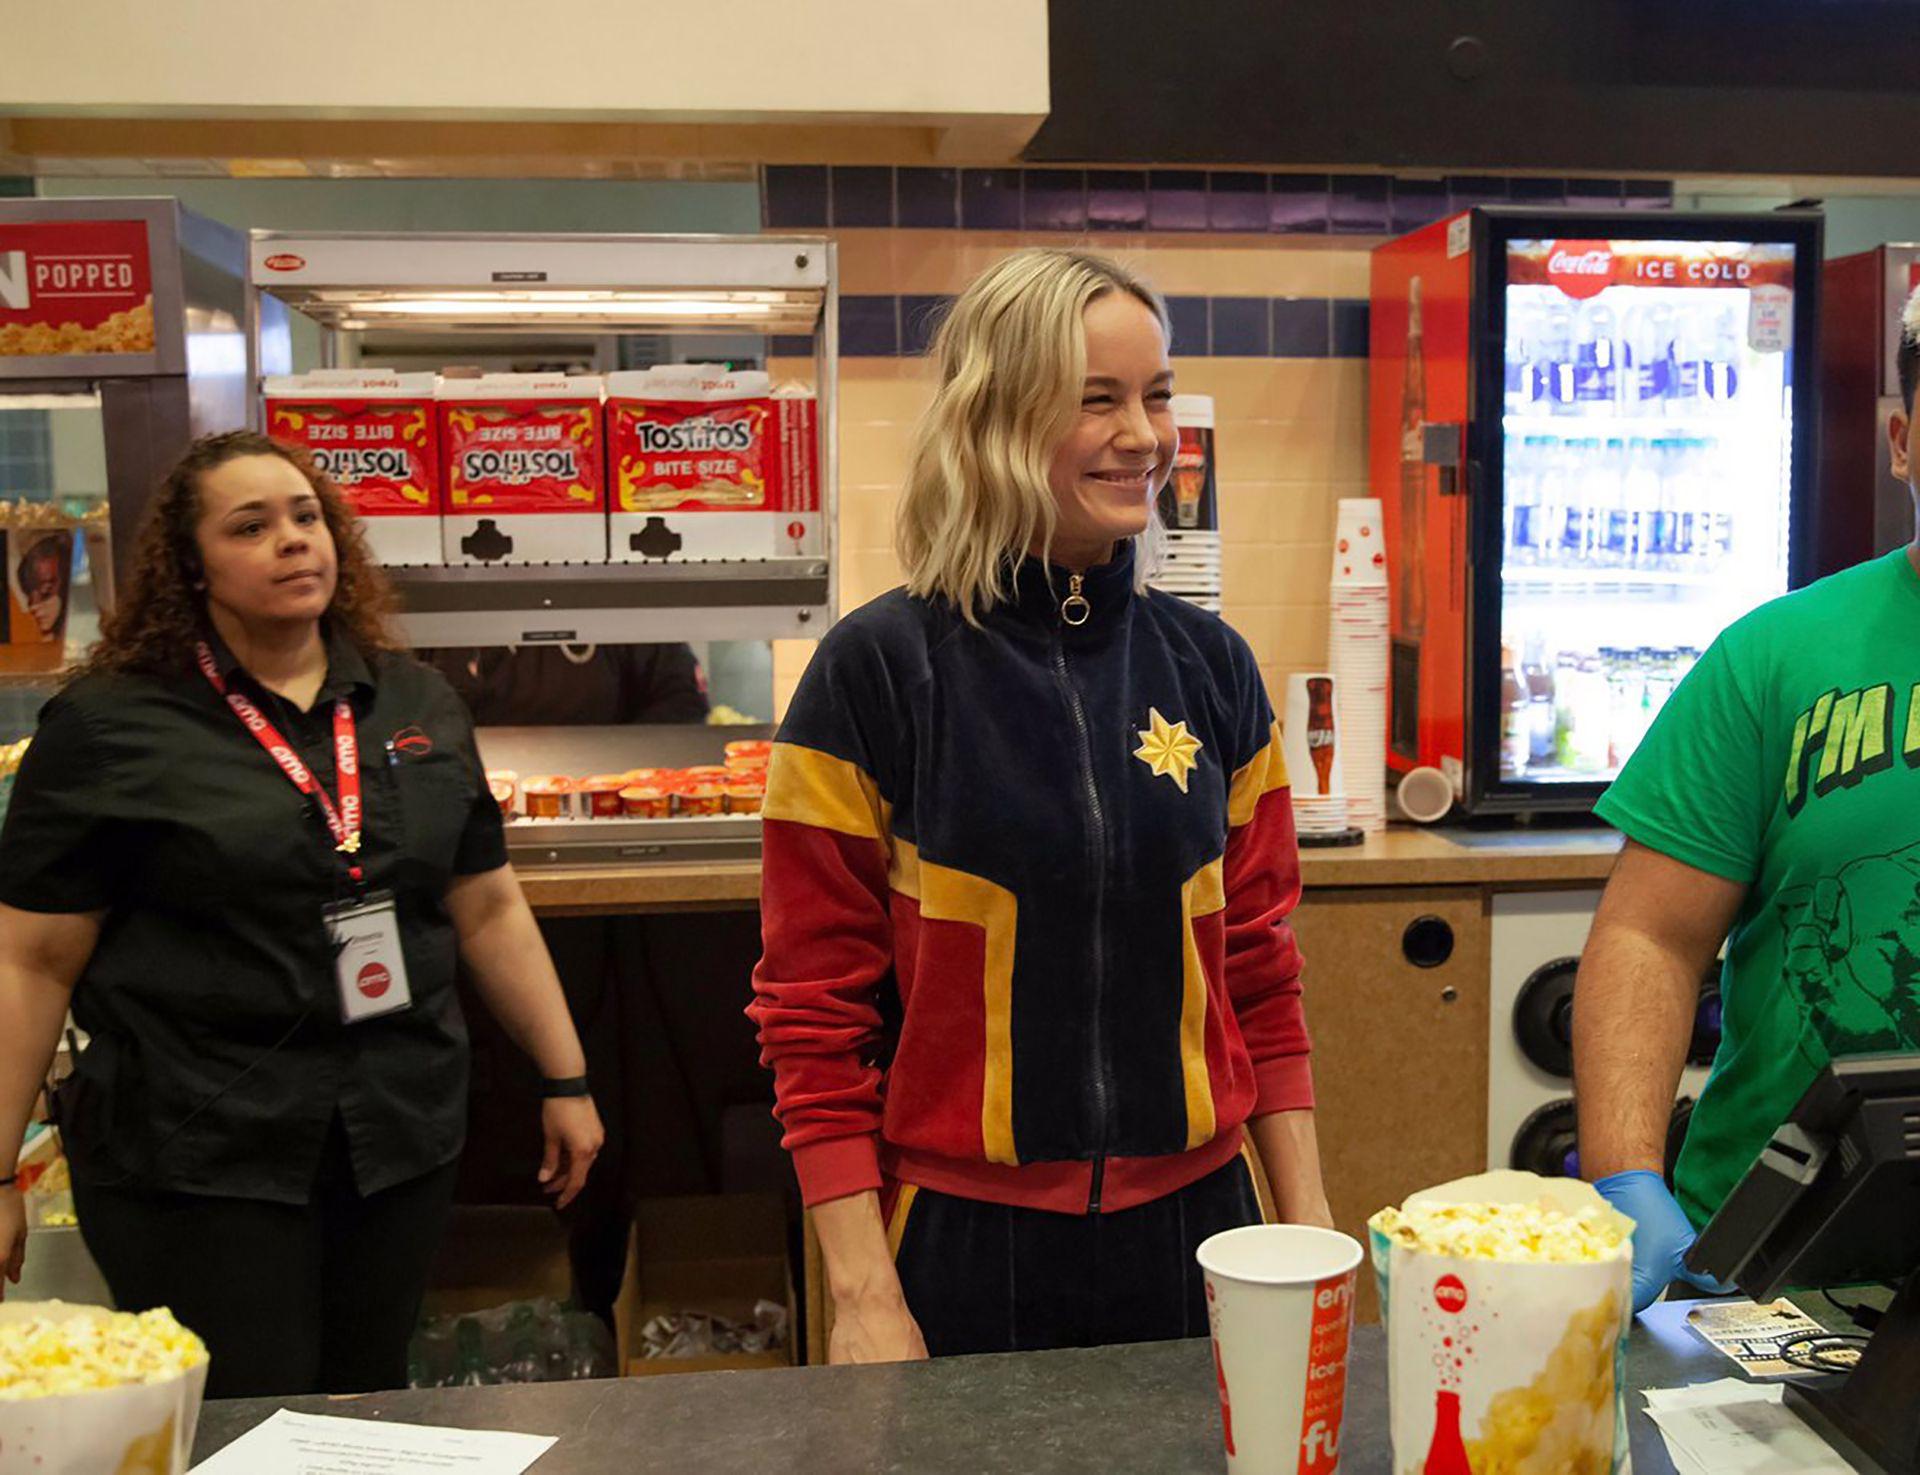 Brie Larson vendió popcorn en una sala de Nueva Jersey durante la promoción de Capitana Marvel.